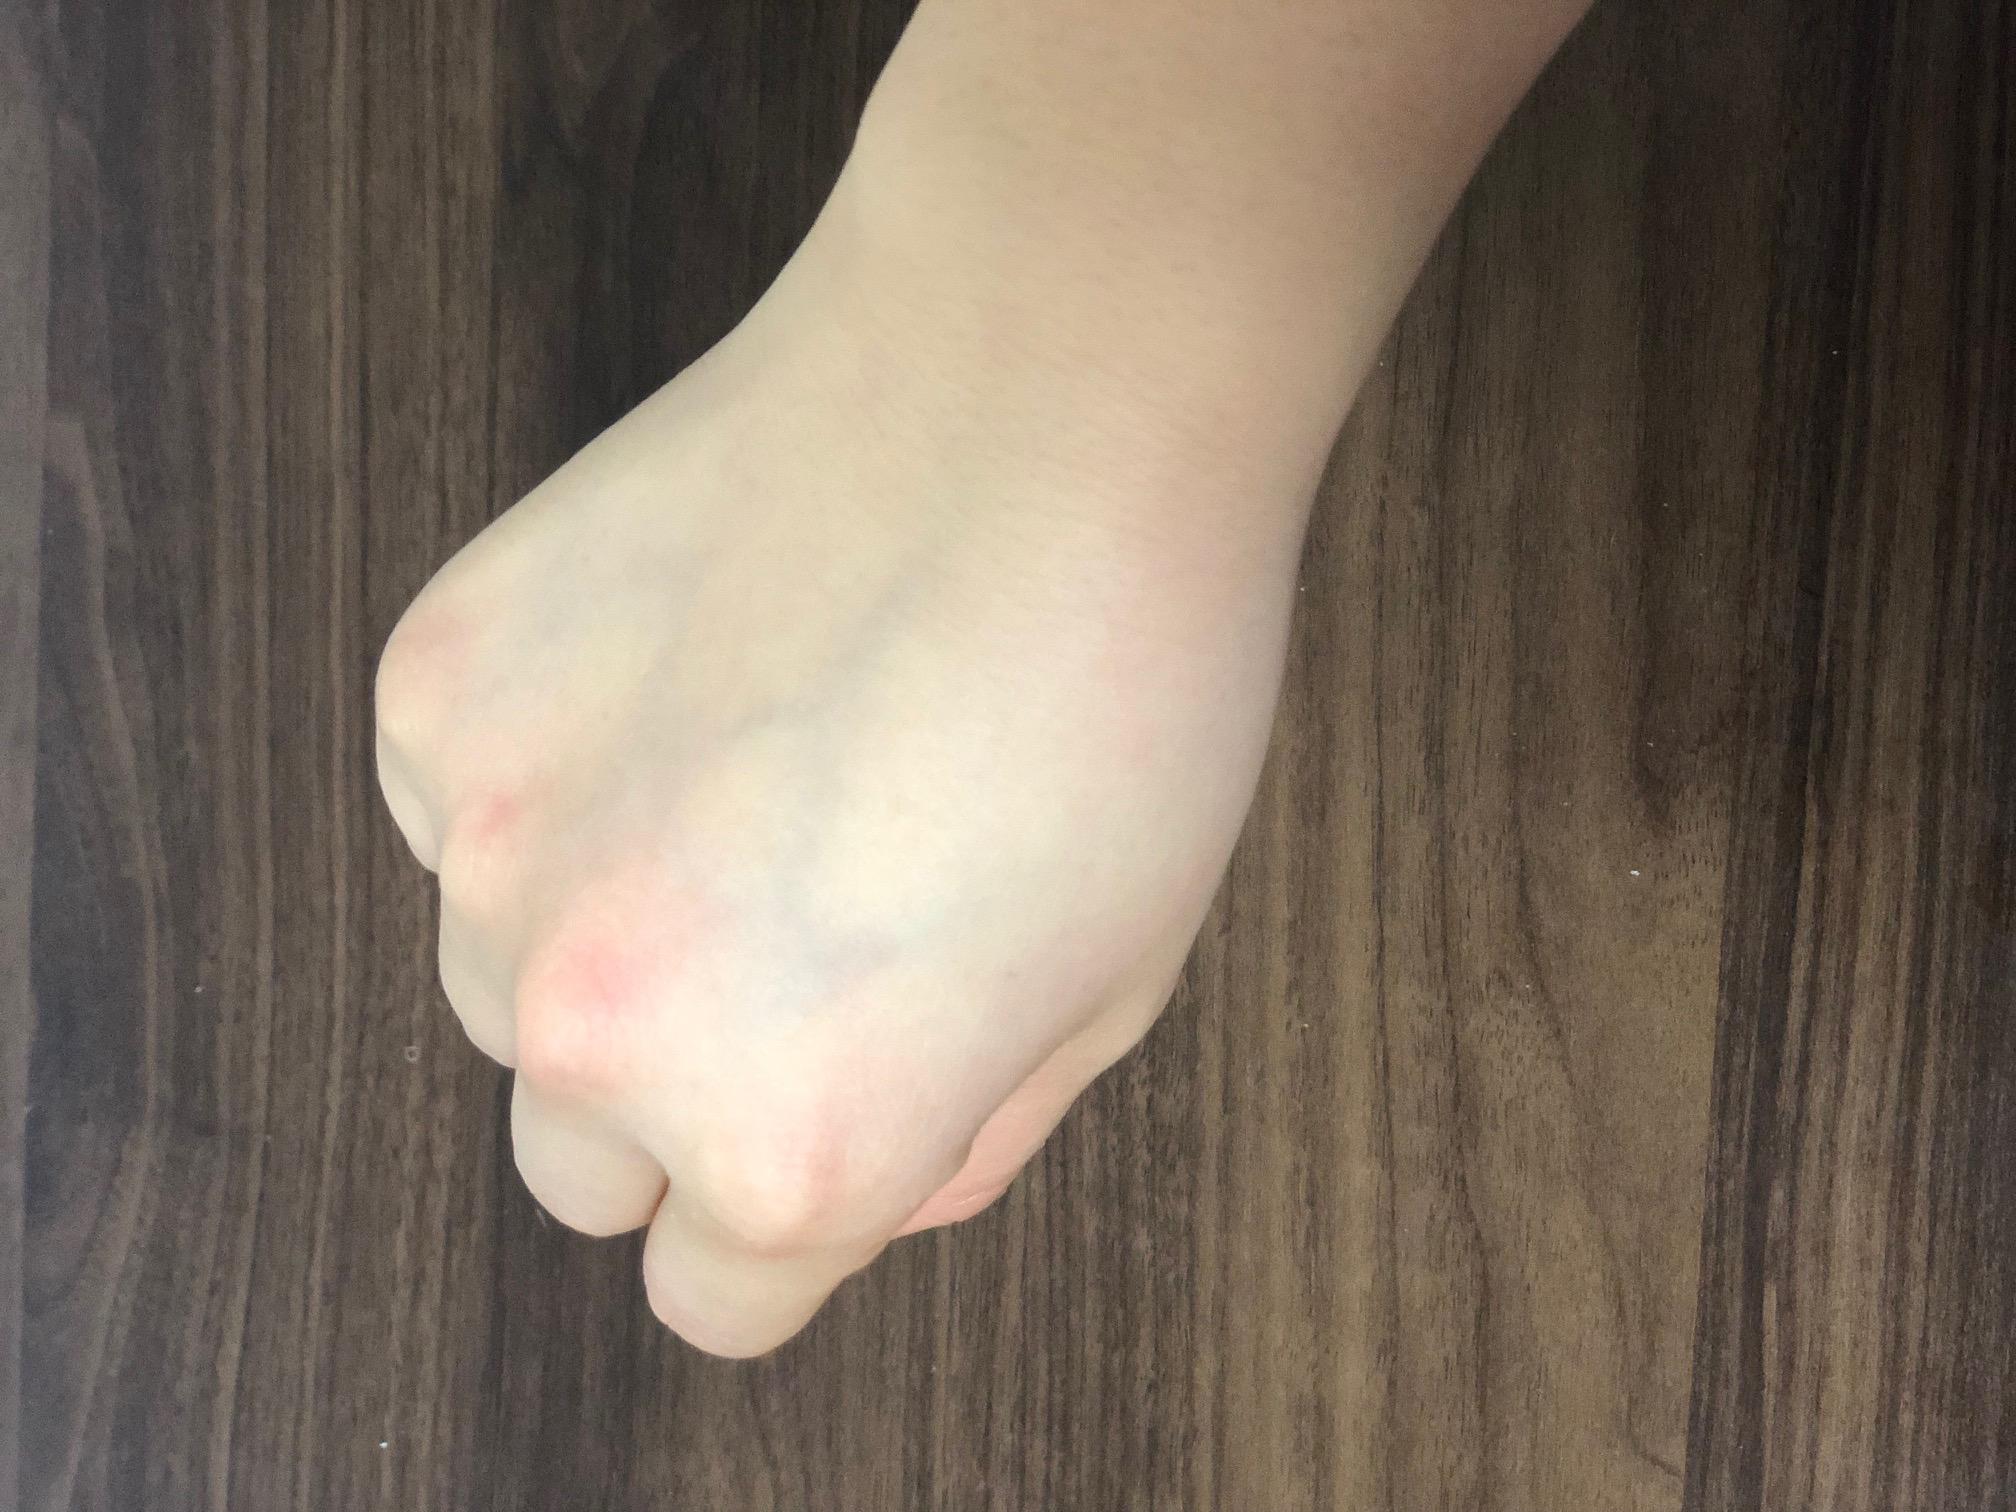 クリームを塗った後の手の甲